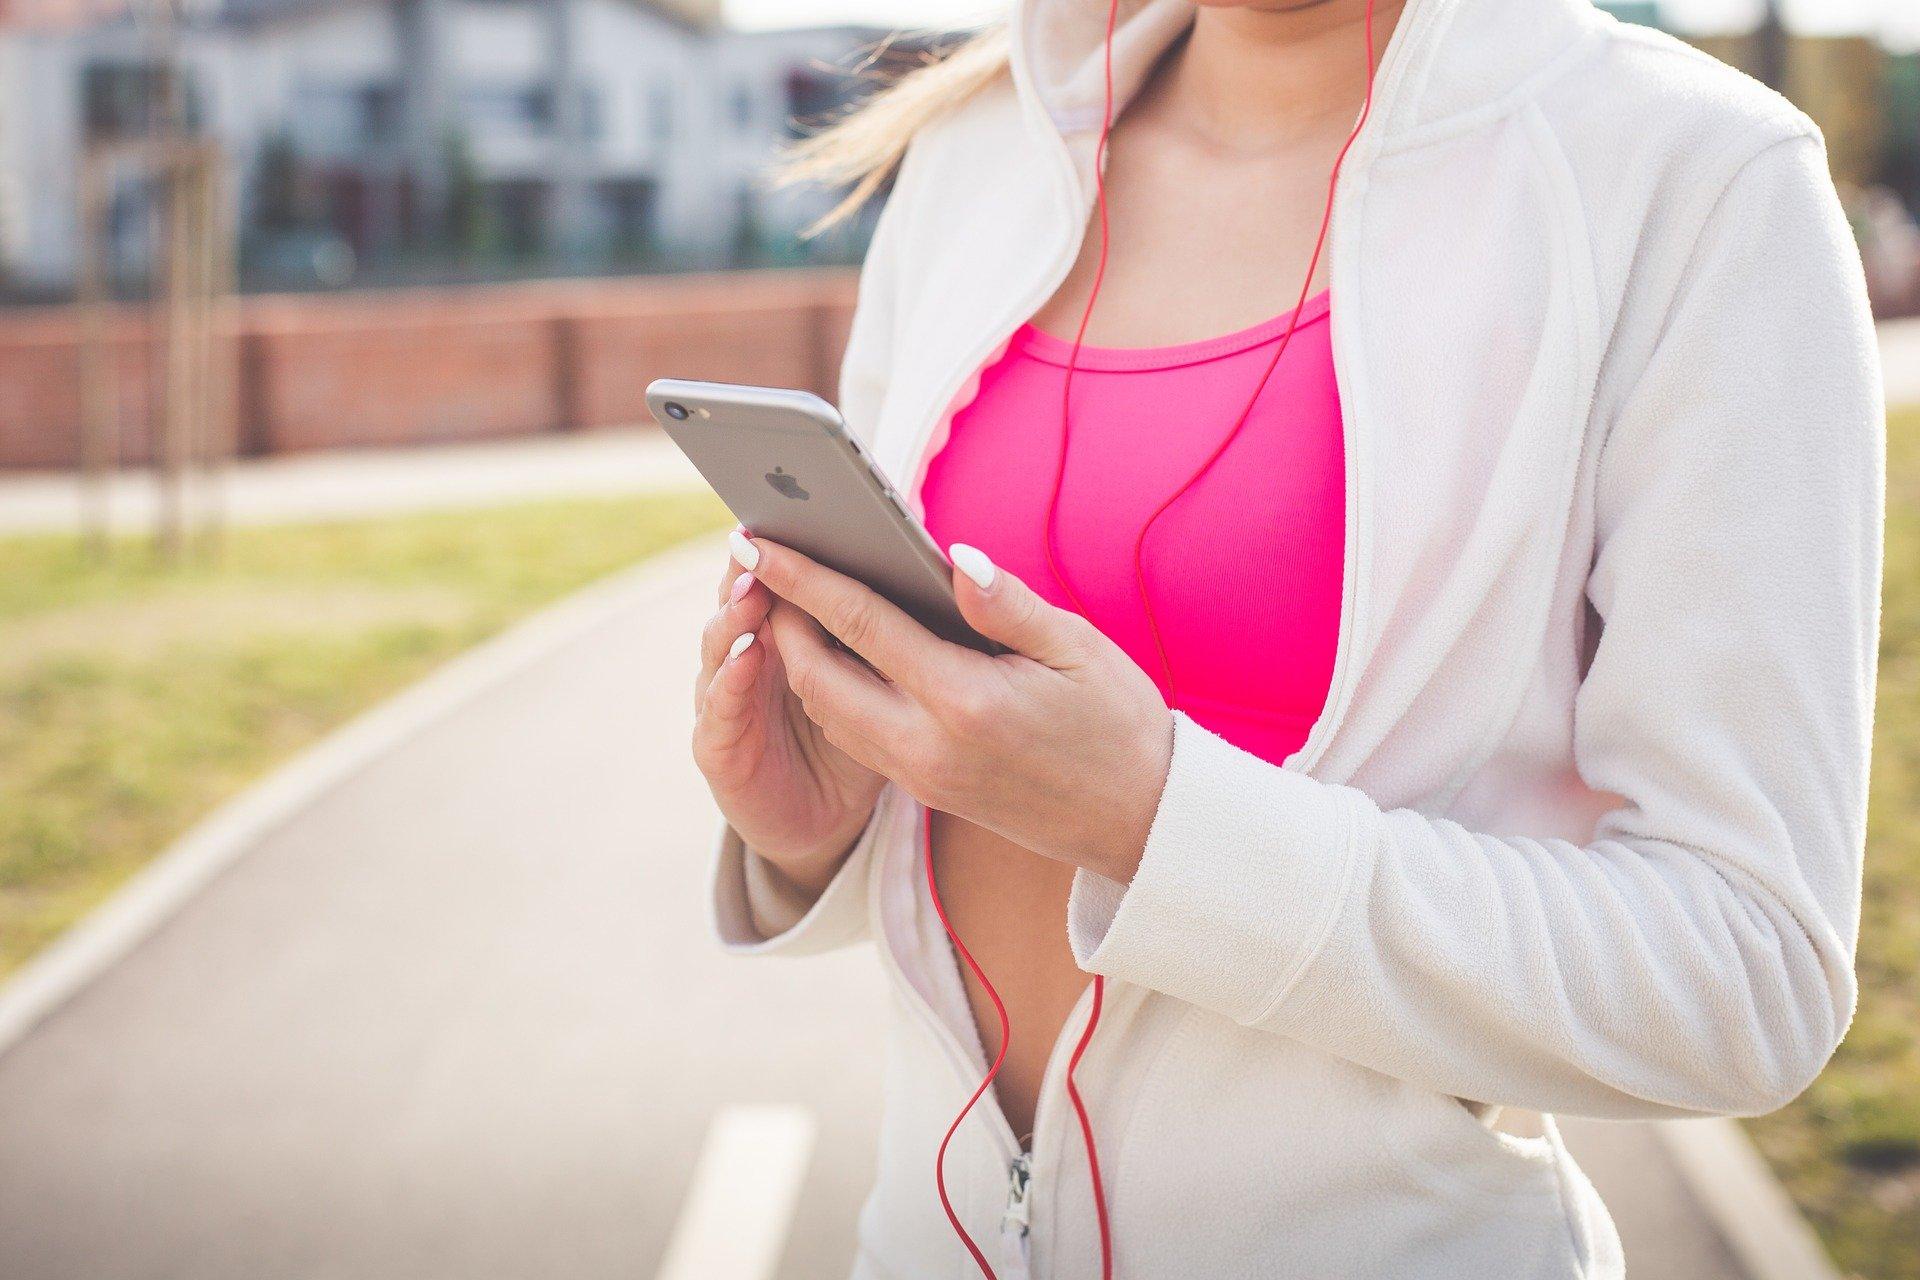 Imagem mostra uma mulher na rua usando celular com fone de ouvido.